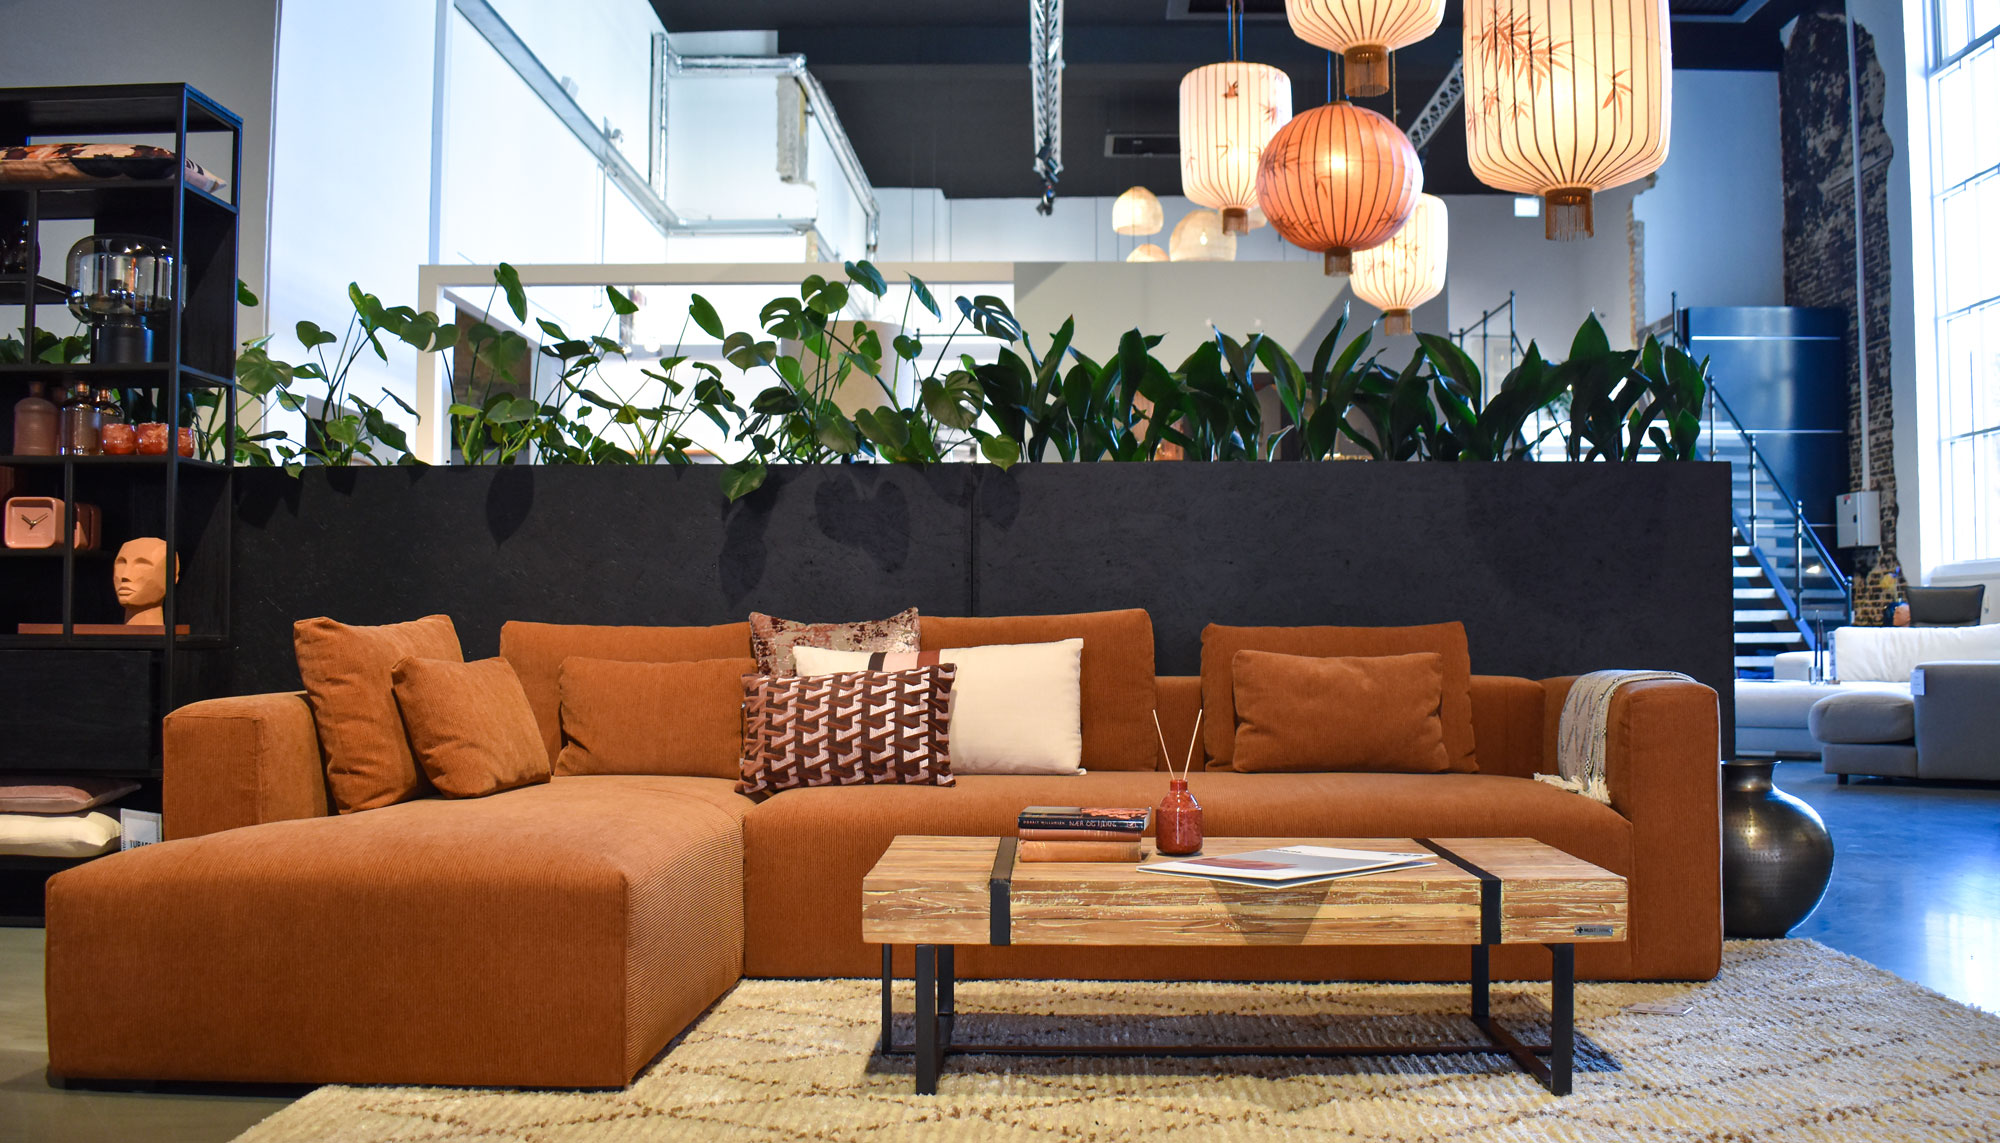 Helt unik møbelbutik midt i Aalborg: Hos BoShop kan du selv skræddersy din sofa